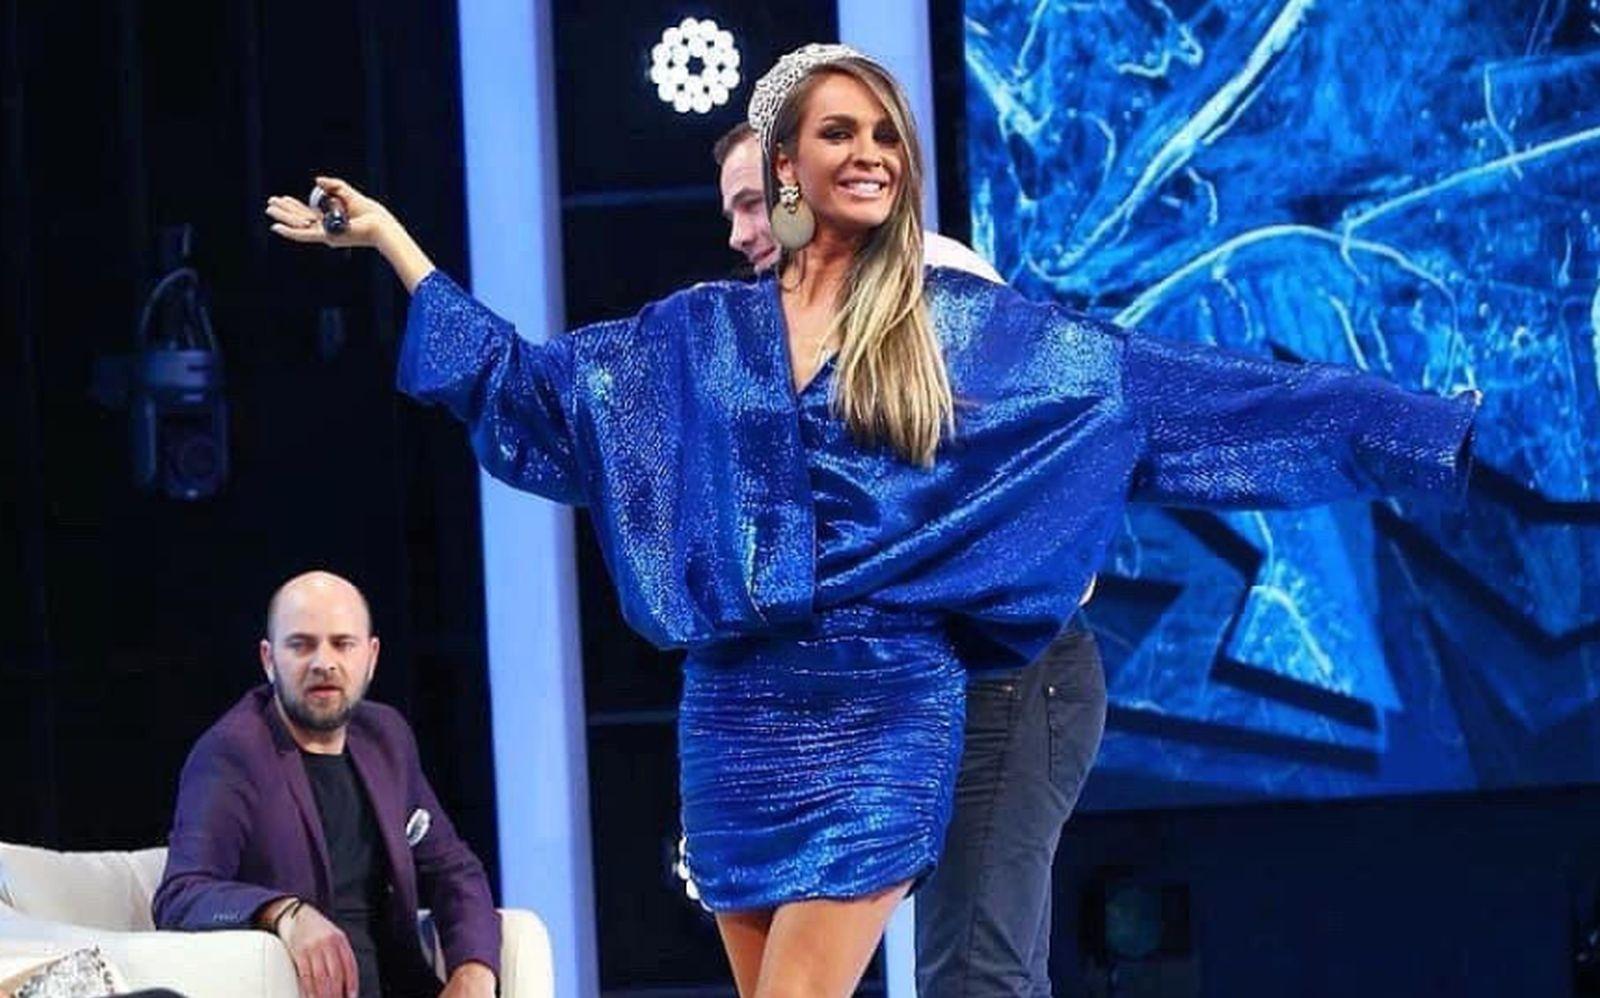 Cum arată Diana Munteanu într-o pereche de colanți super mulați, după ce s-a vehiculat că ar fi anorexică